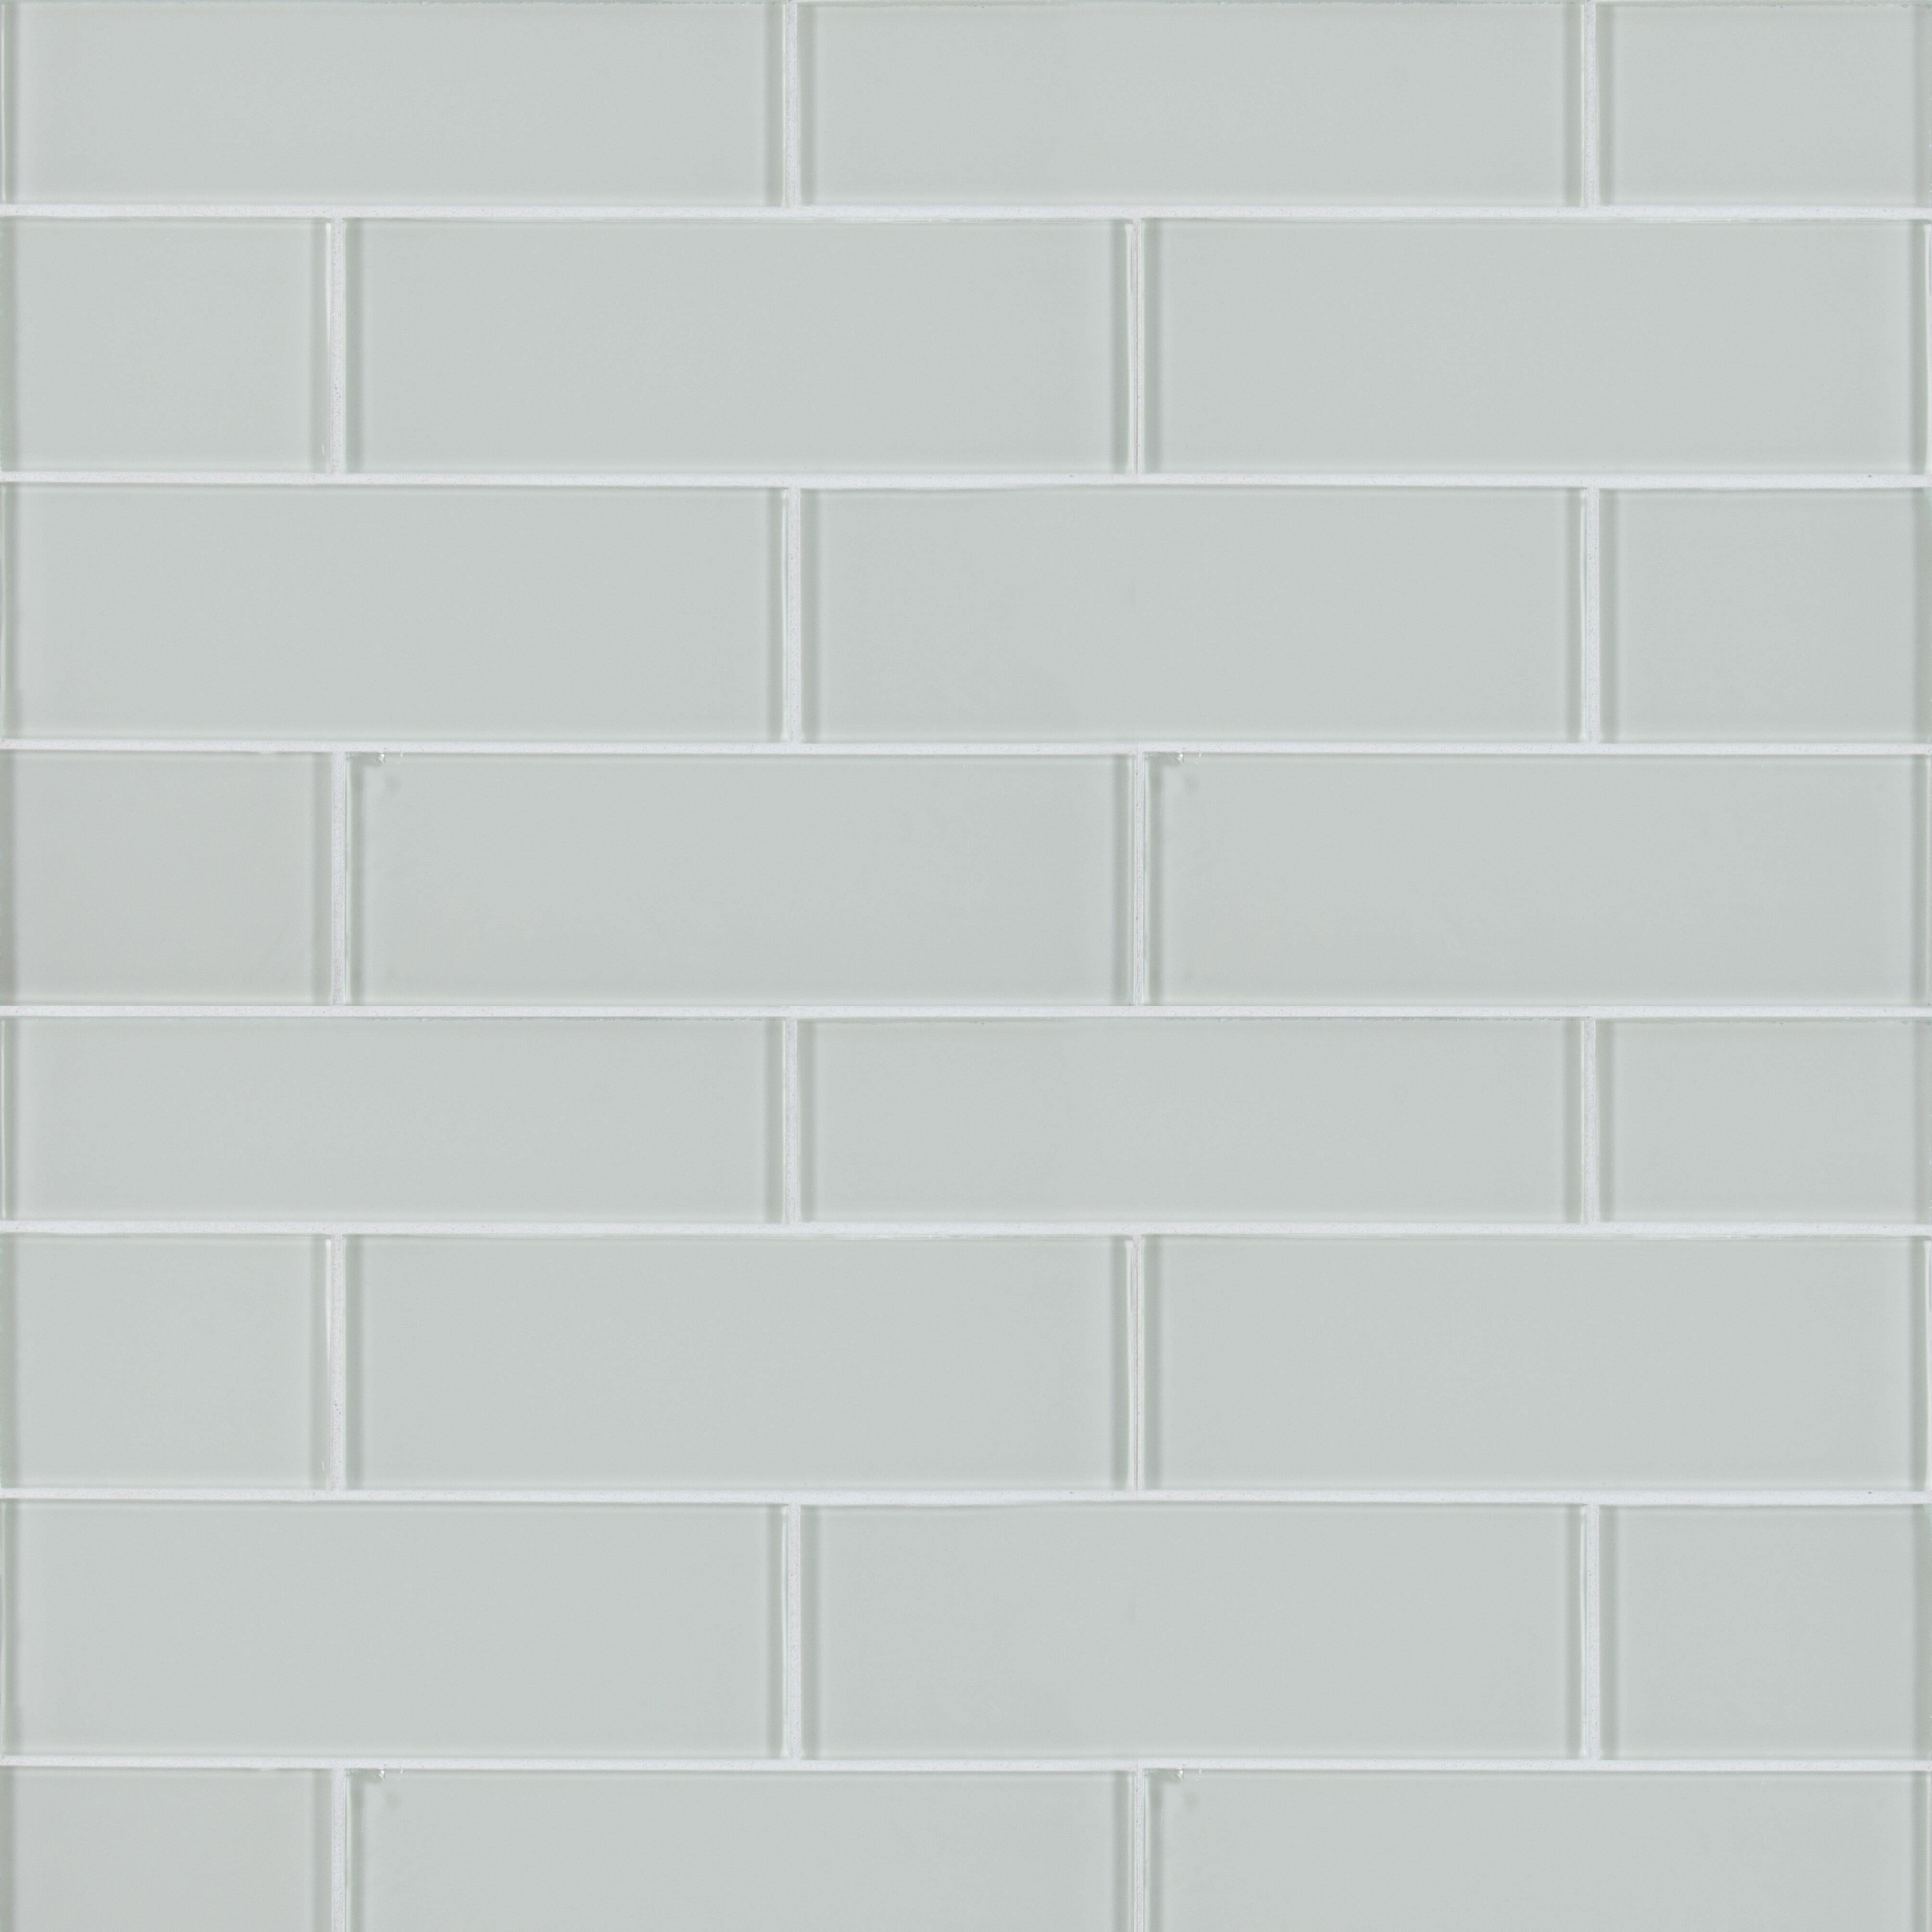 3 X 9 Subway Tile Tile Design Ideas